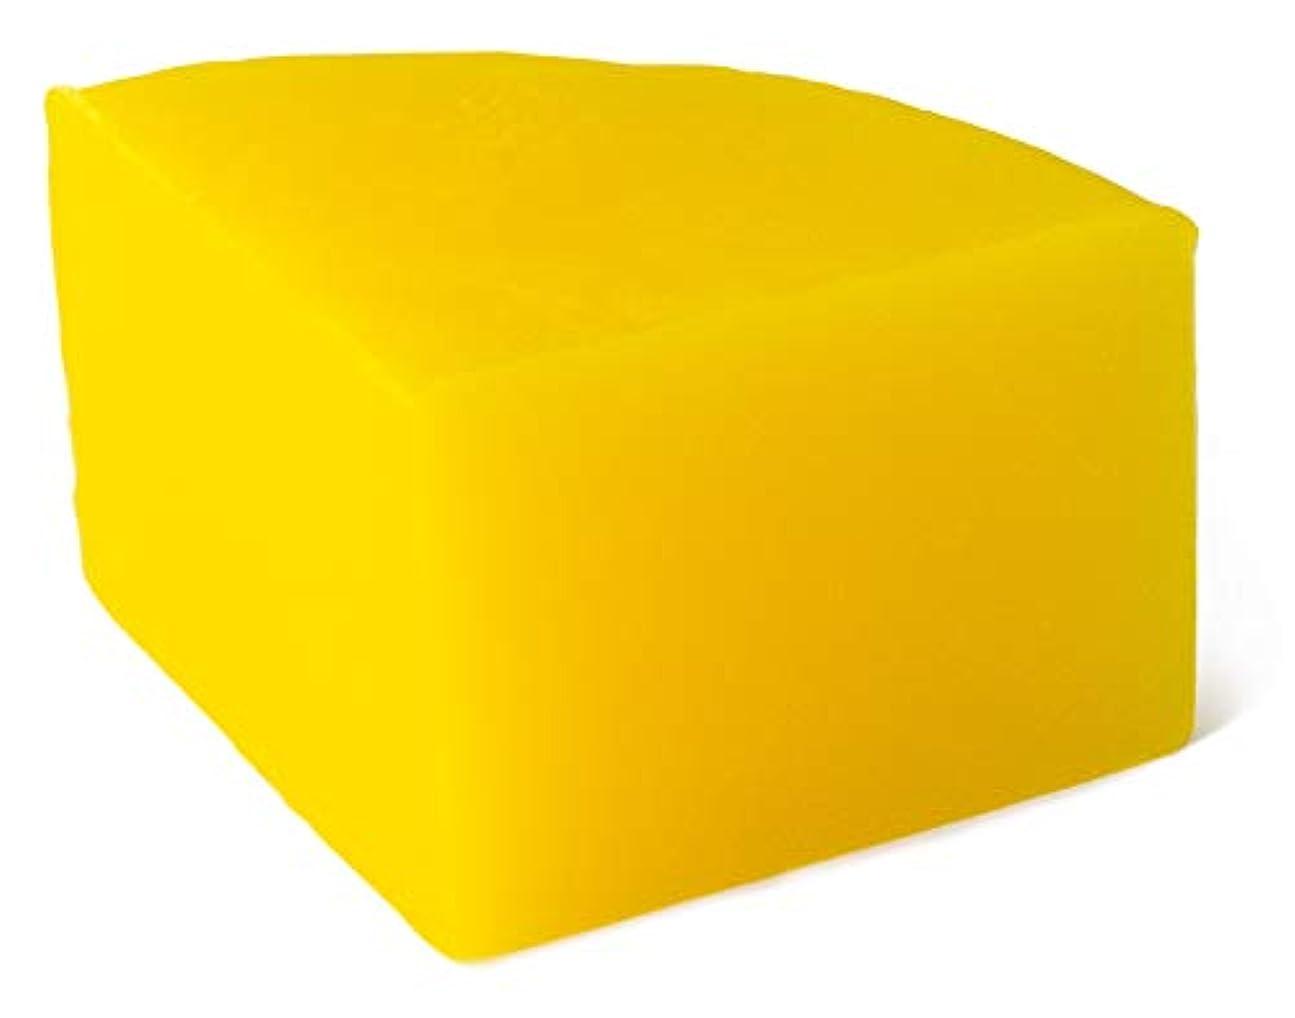 困惑した地下室時制グリセリン クリアソープ (MPソープ) 色チップ 黄 25g